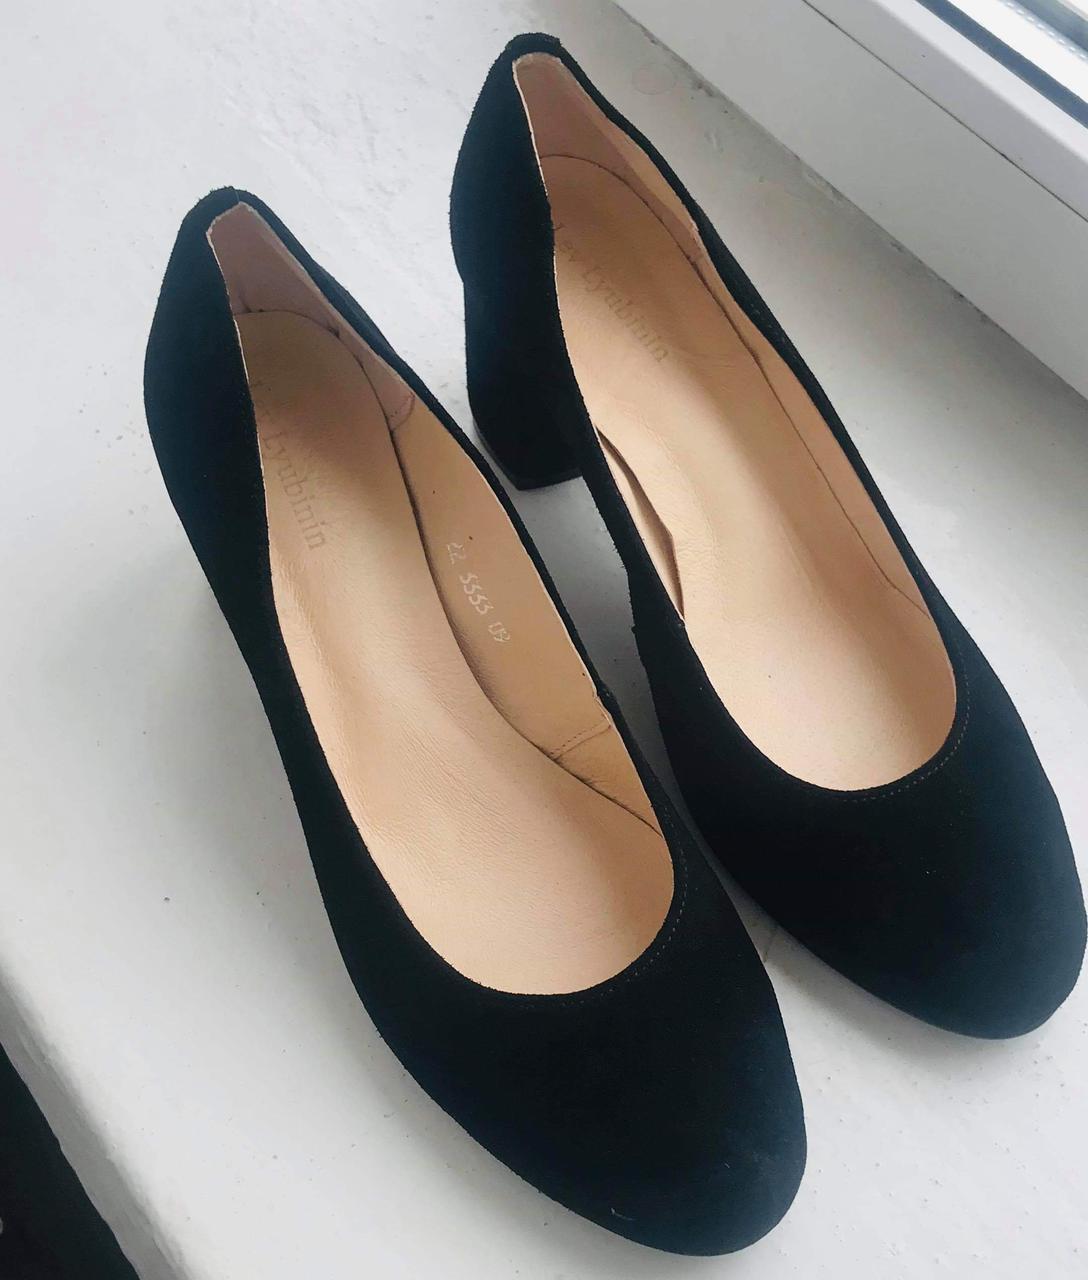 Женские  туфли черные на среднем удобном каблуке. Натуральная замша. Размер 40